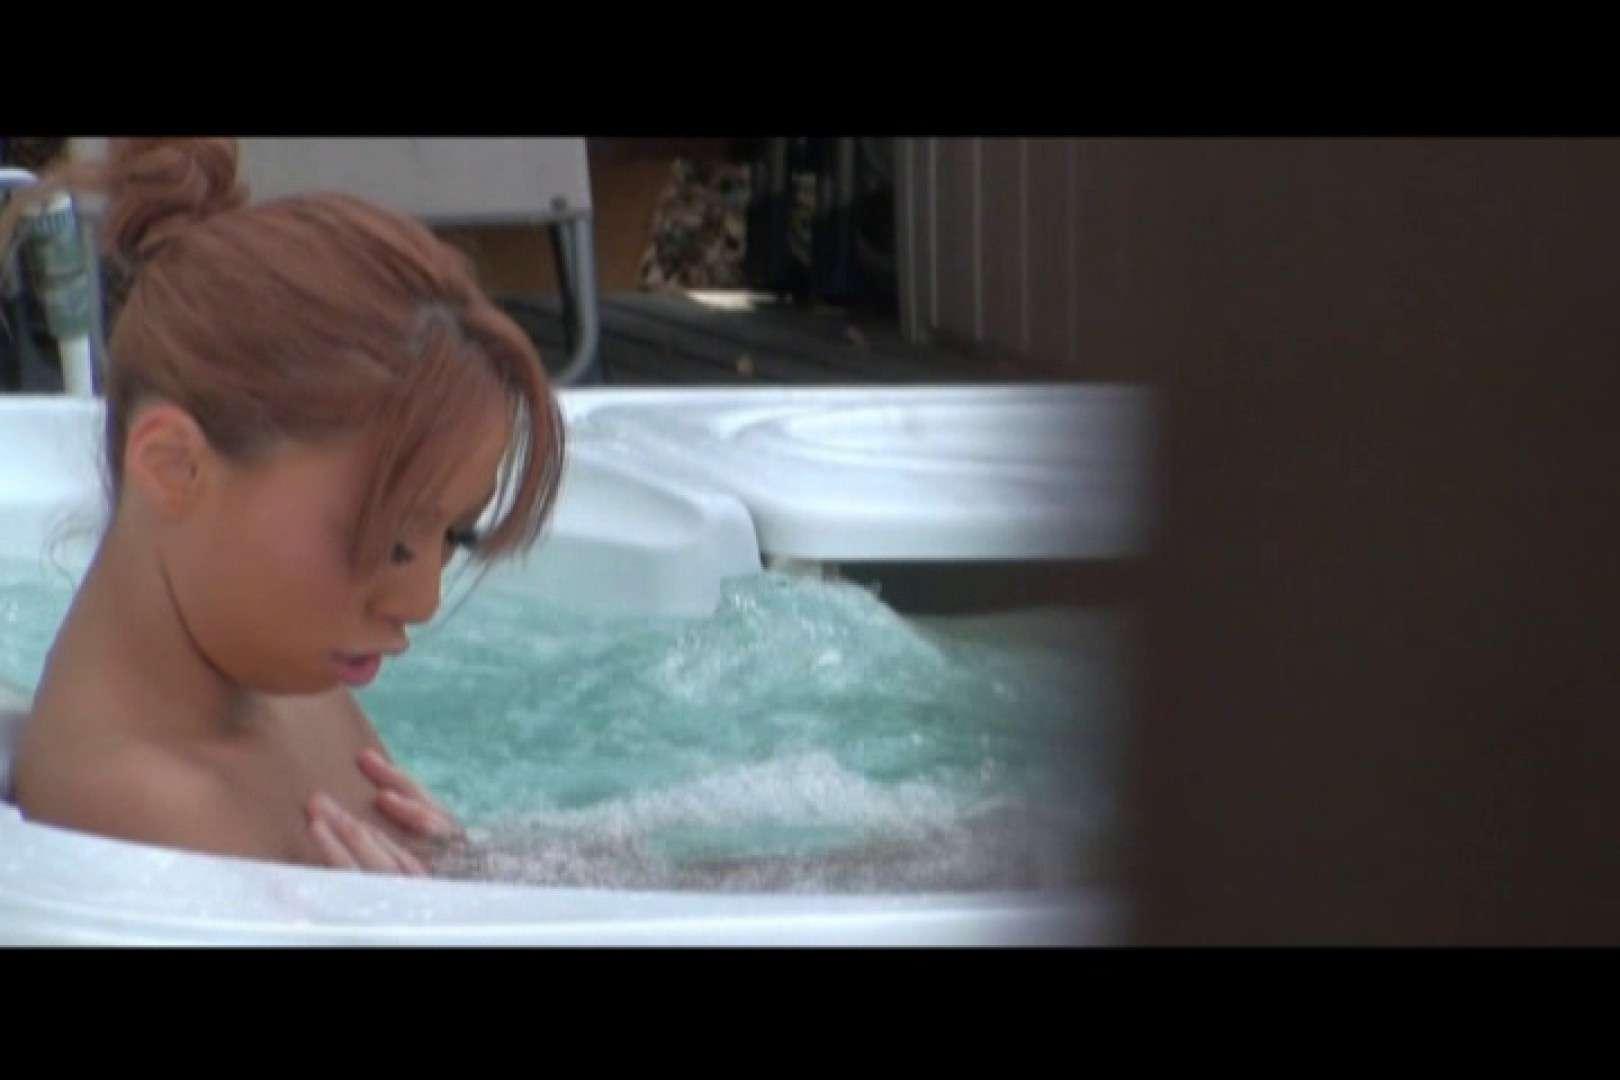 貸切露天 発情カップル! vol.05 潜伏露天風呂 覗き性交動画流出 55pic 5